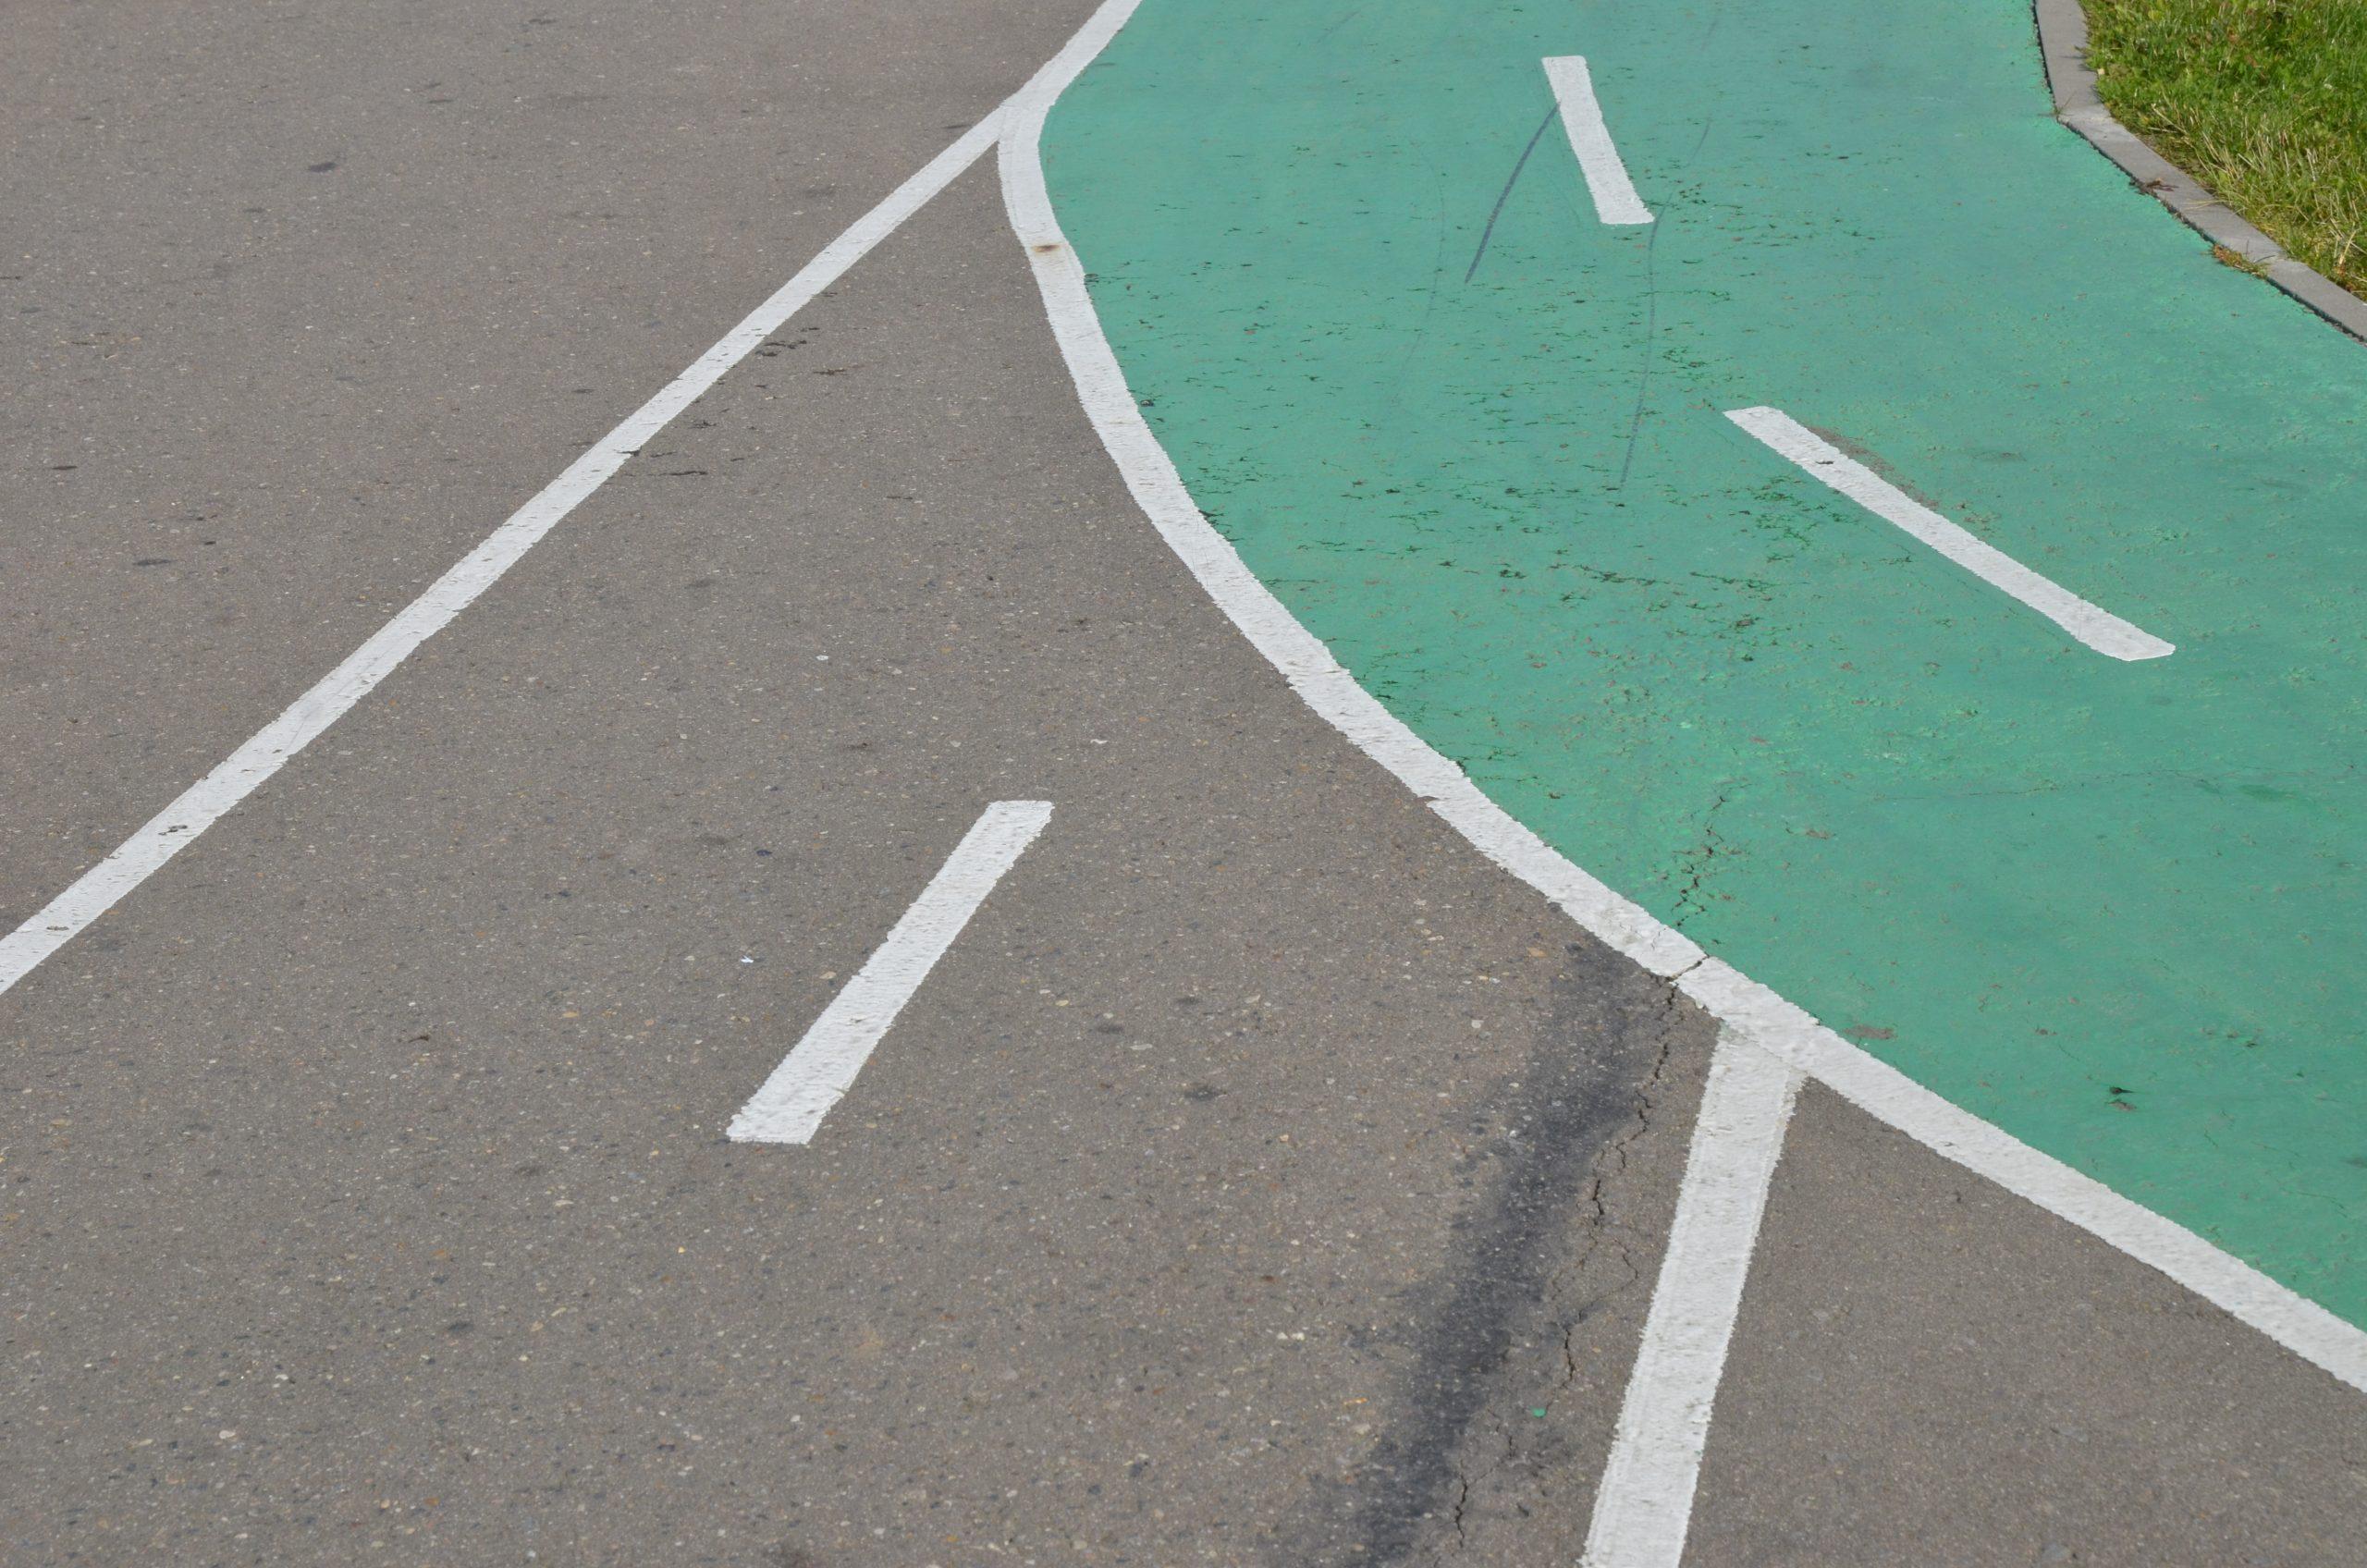 Специалисты приступили к асфальтированию основания детской спортивной площадки в Кленовском